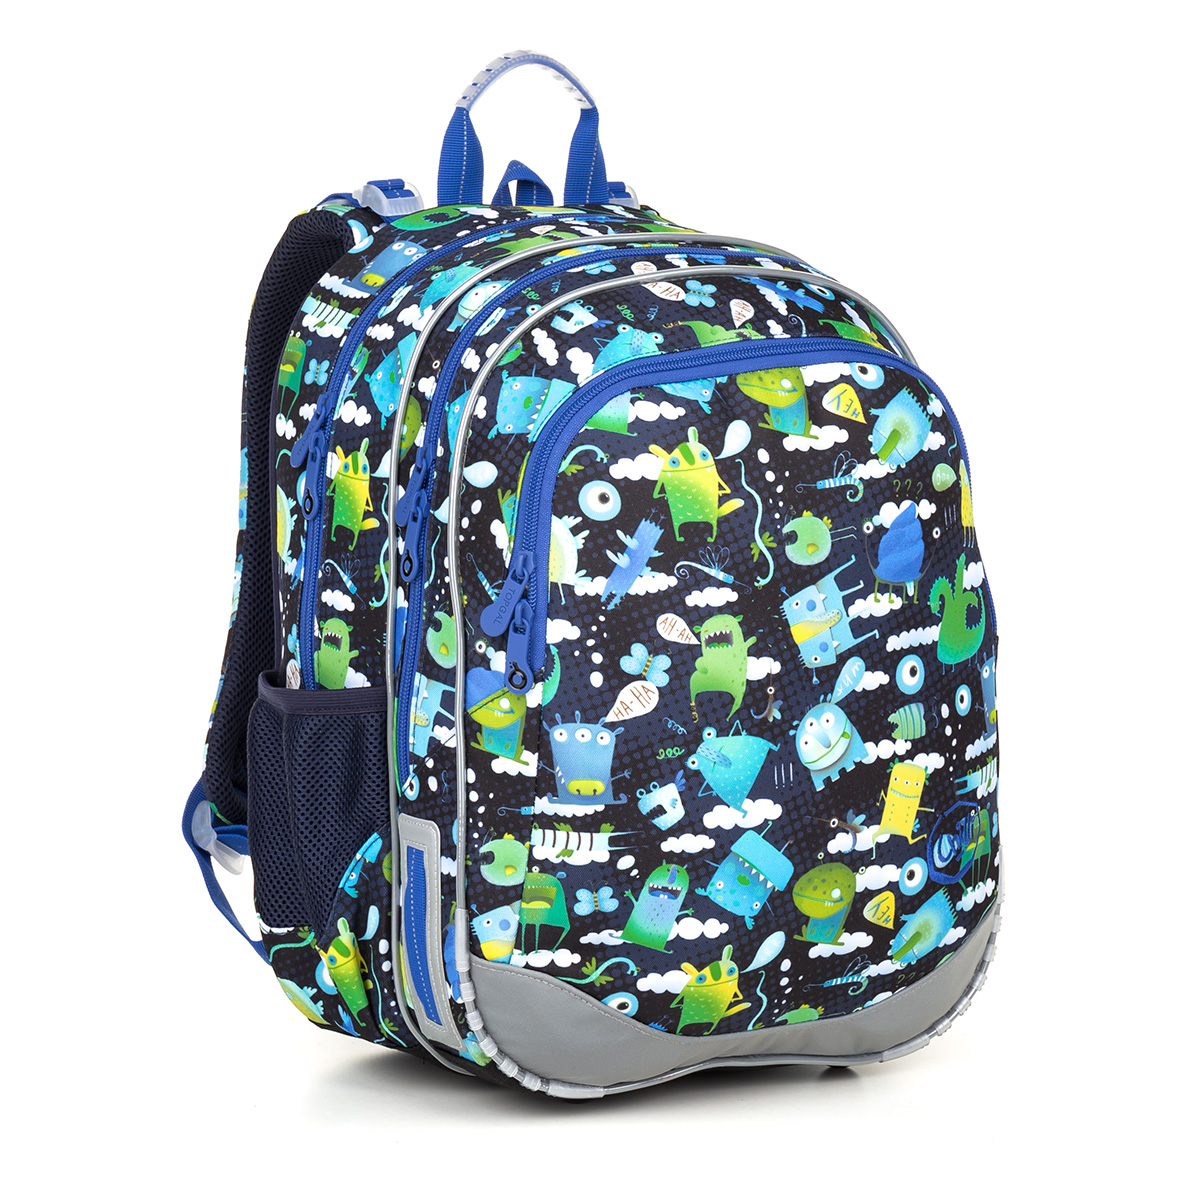 Školská taška Topgal ELLY 18002 B